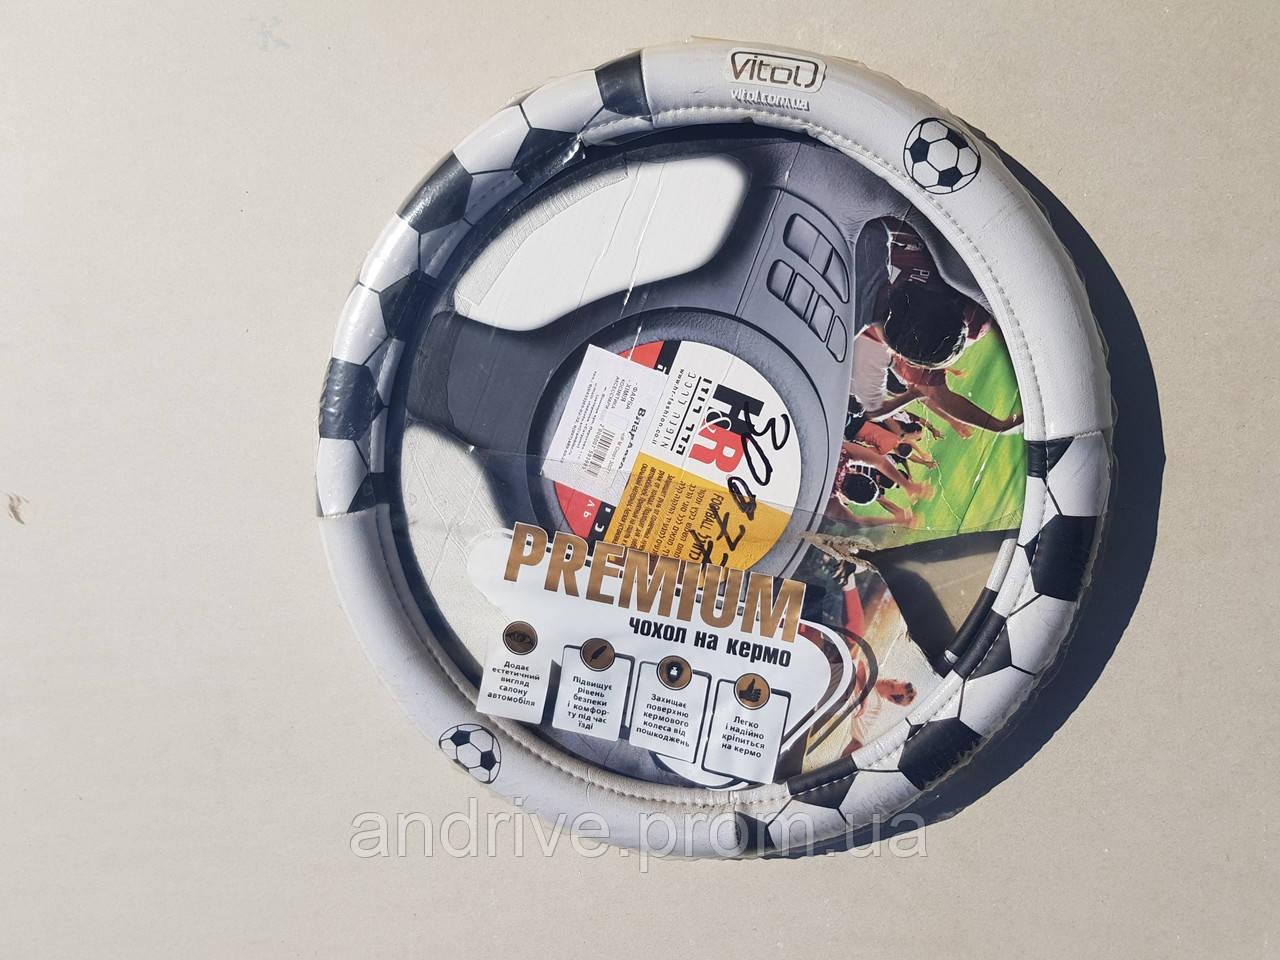 Чехол на руль Vitol белый M (37-38 см) футбол